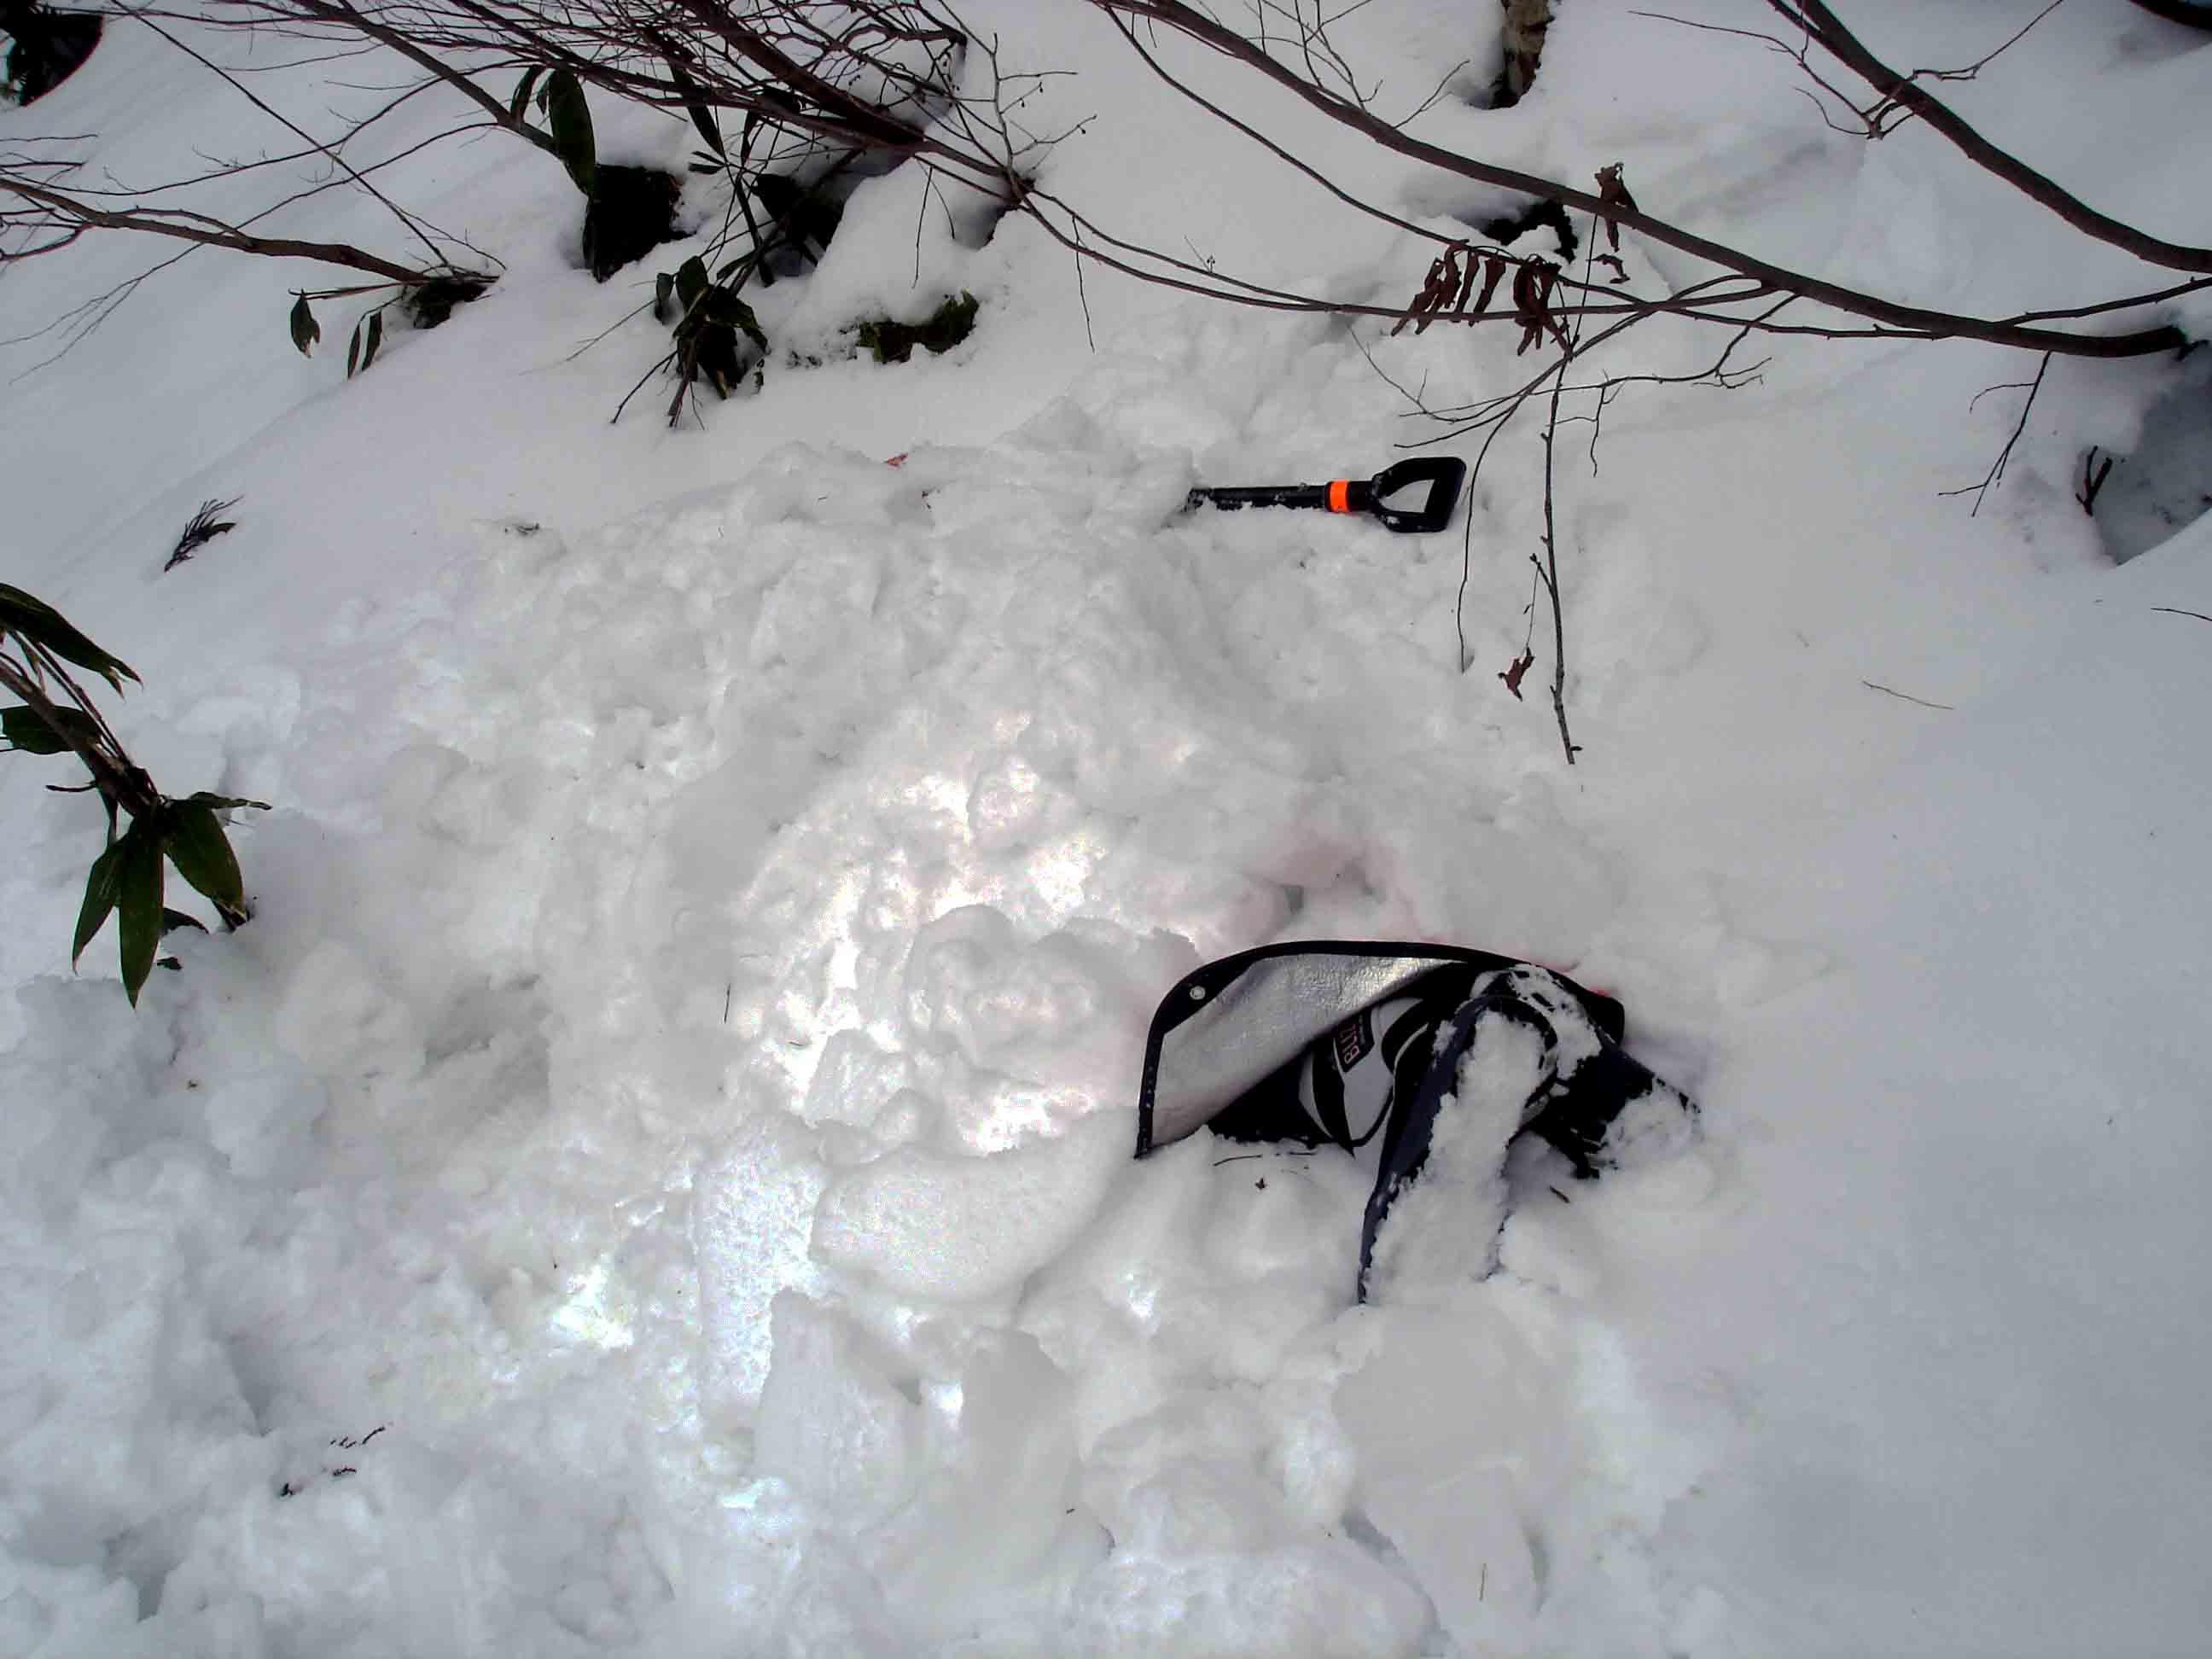 積雪が少ないので半埋没で